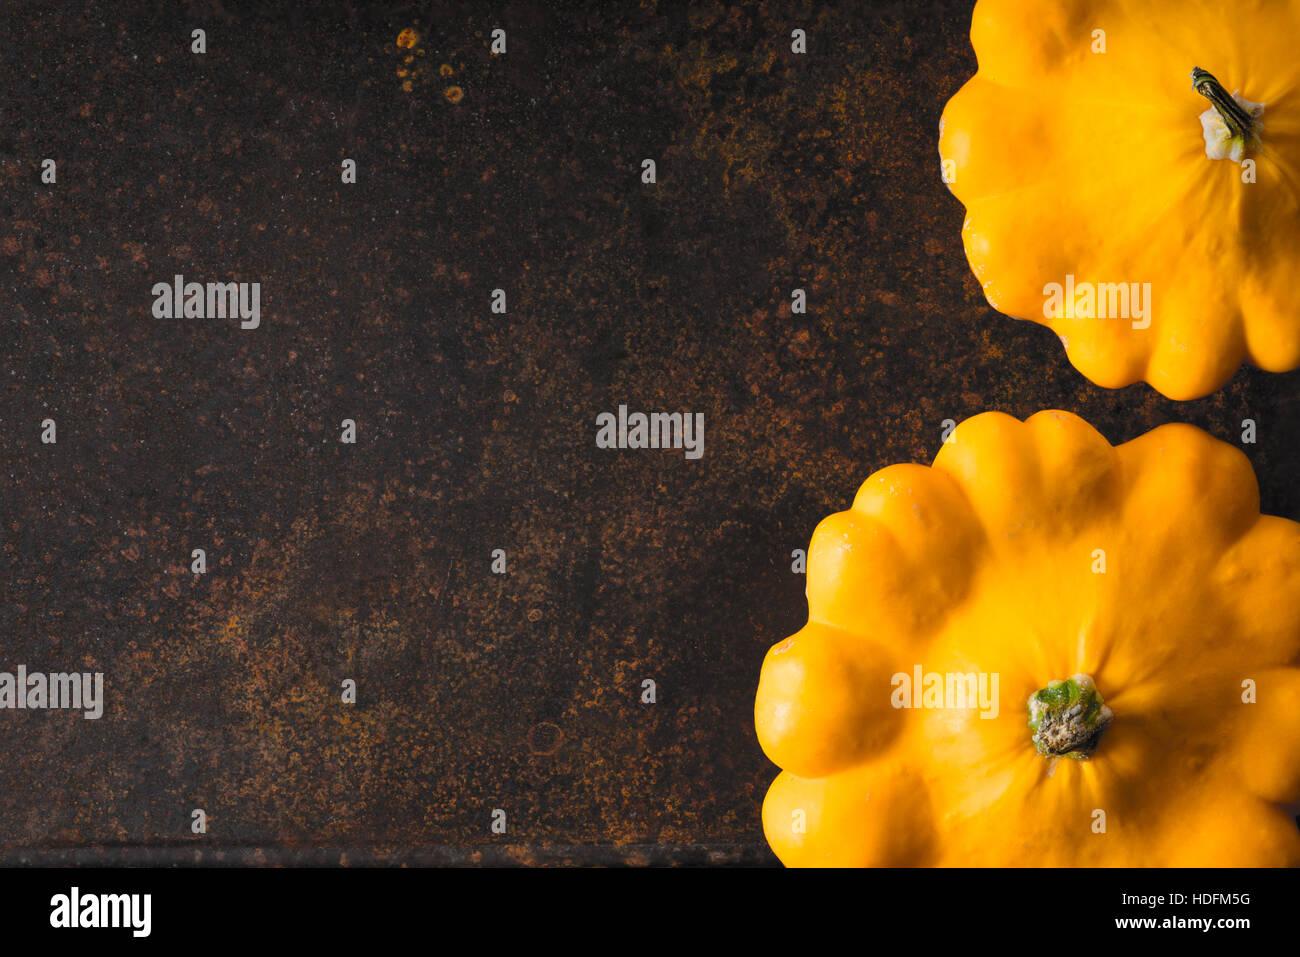 Giallo fresco pattypan squash a destra del metallo arrugginito orizzontale di sfondo Immagini Stock